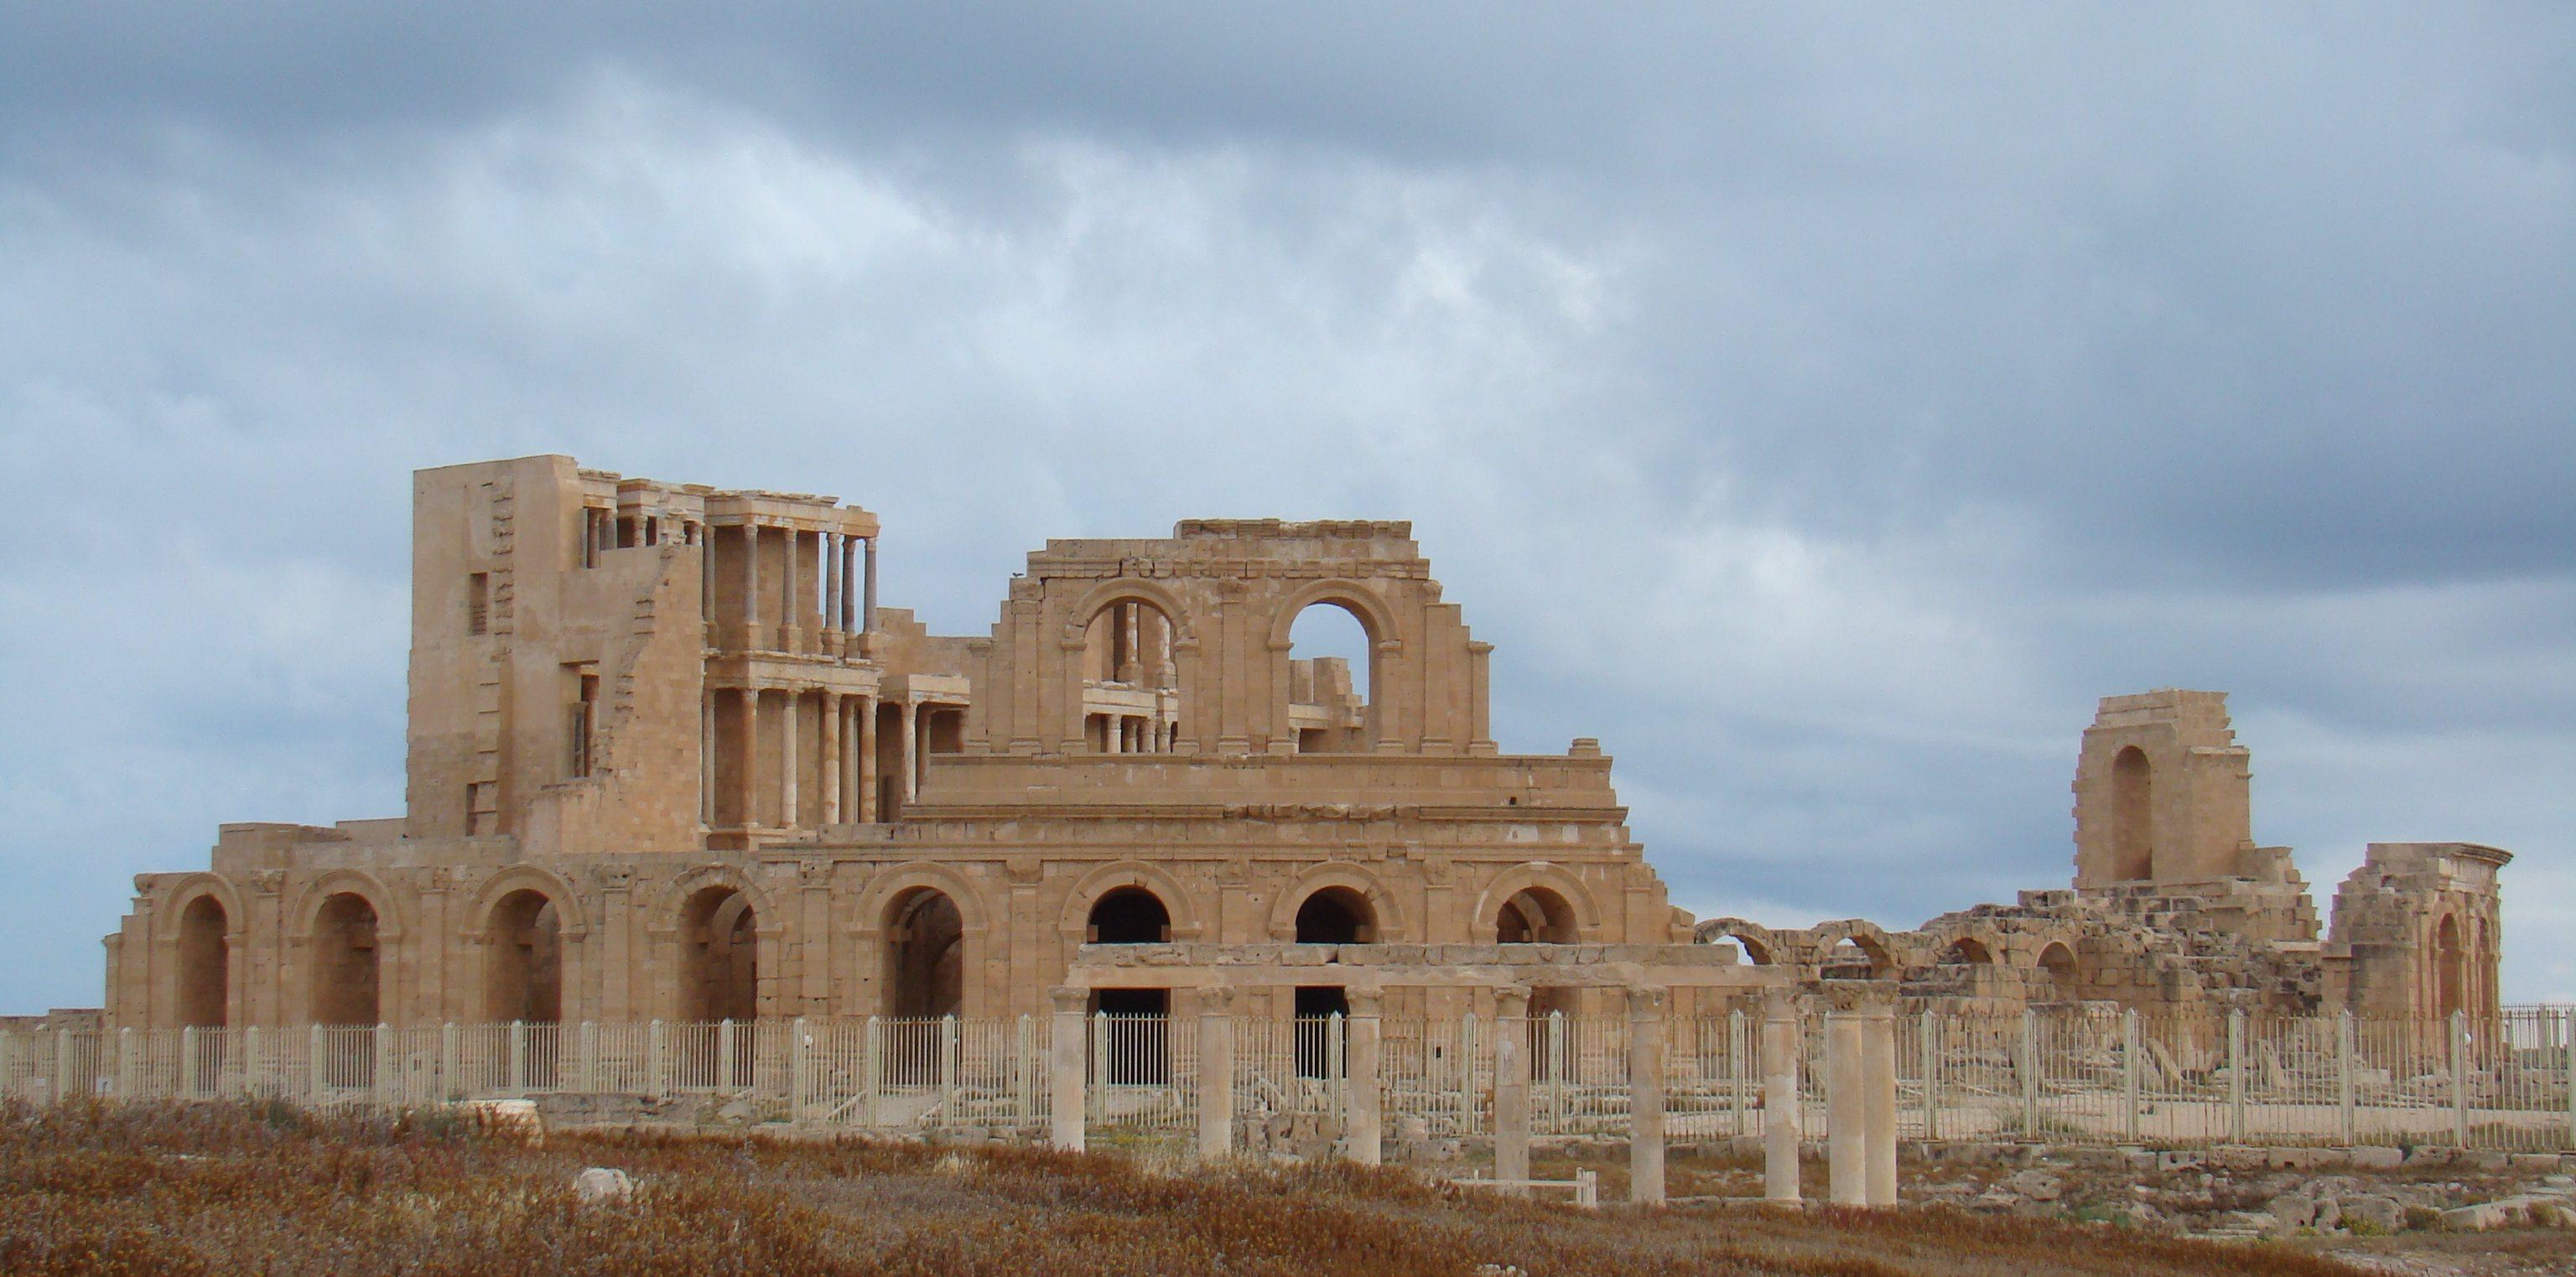 Teatro Romano Sabratha Libia 01